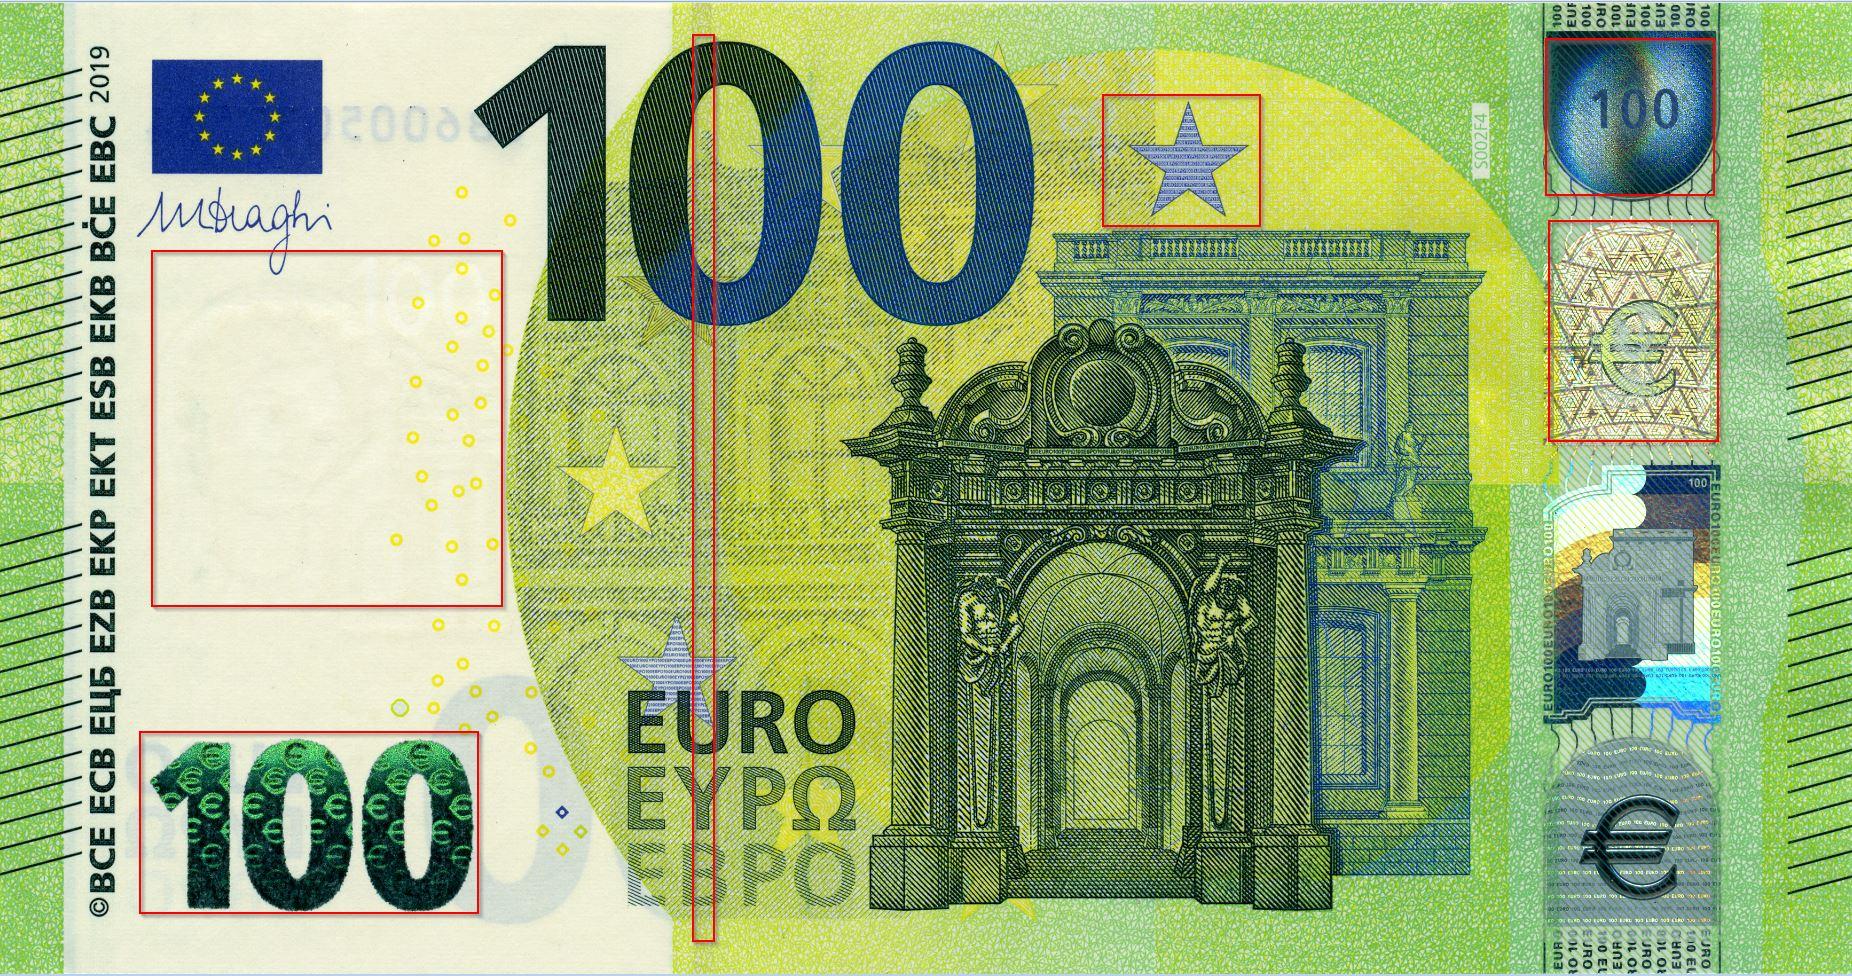 100 Euro Schein Druckvorlage / Der 100 Euro-Schein - EU